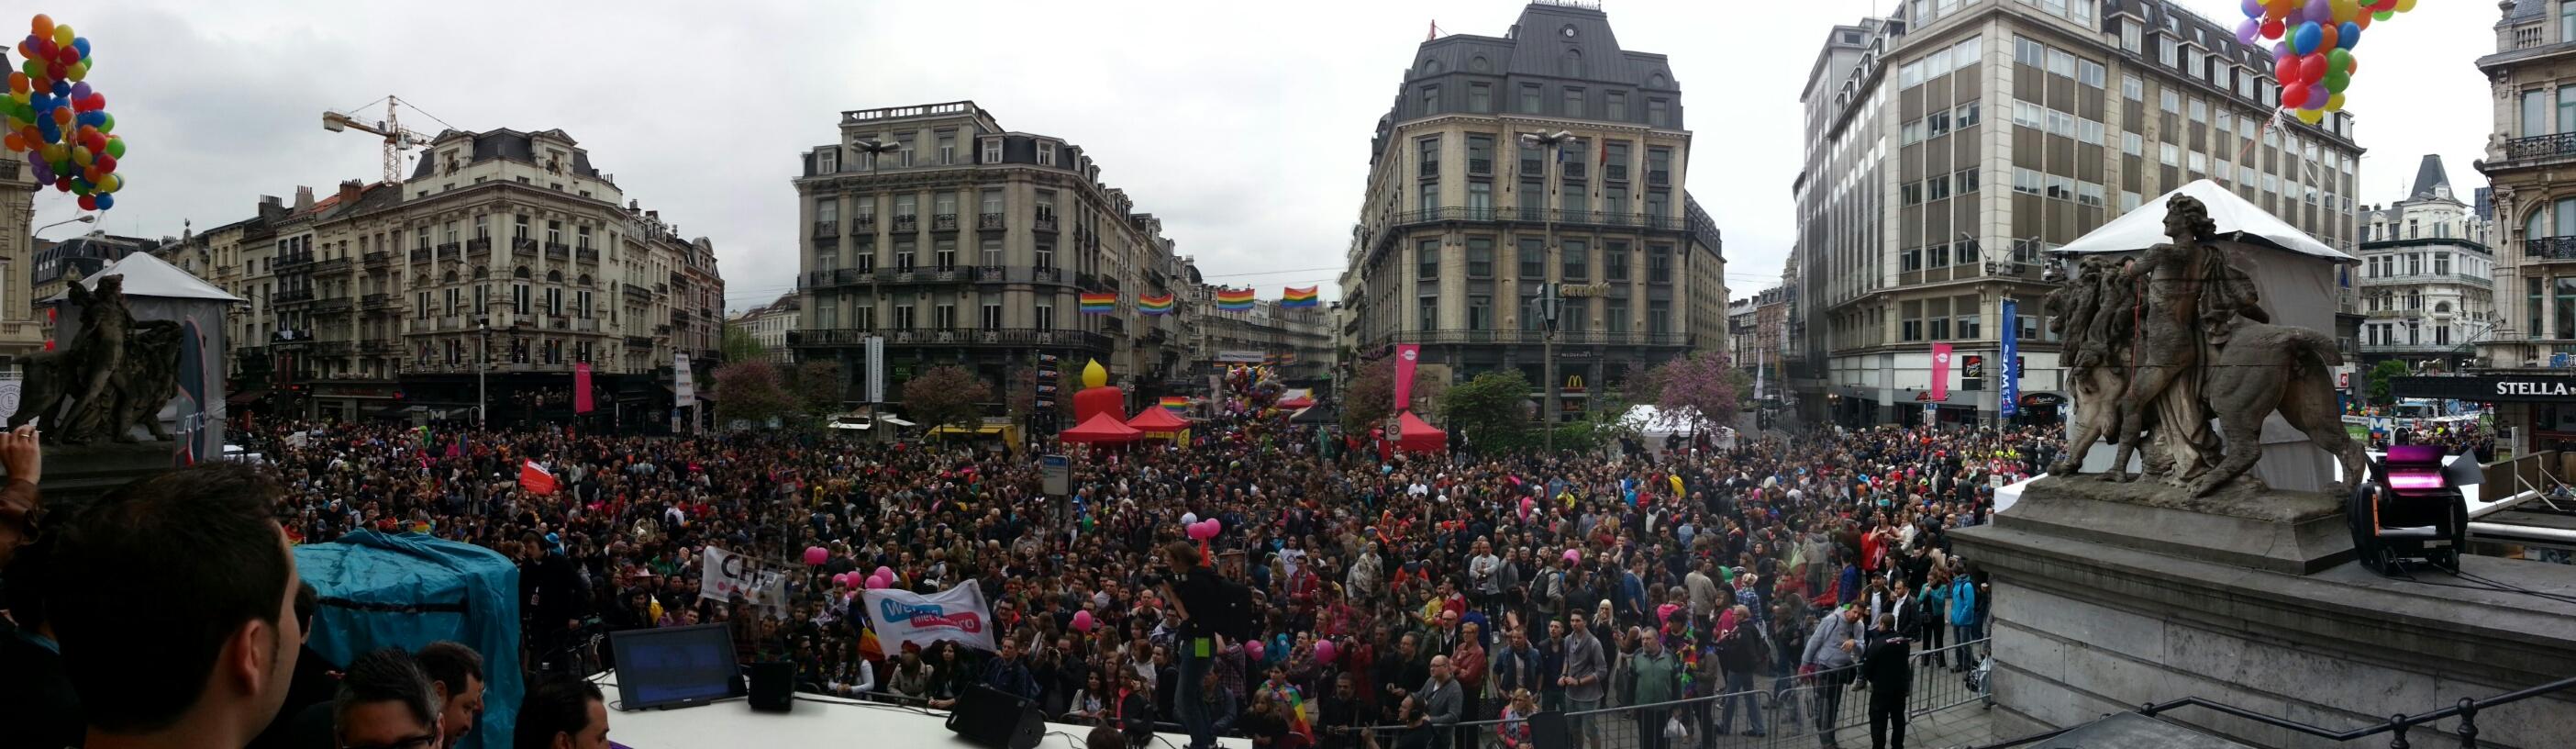 BelgiumPride.jpg